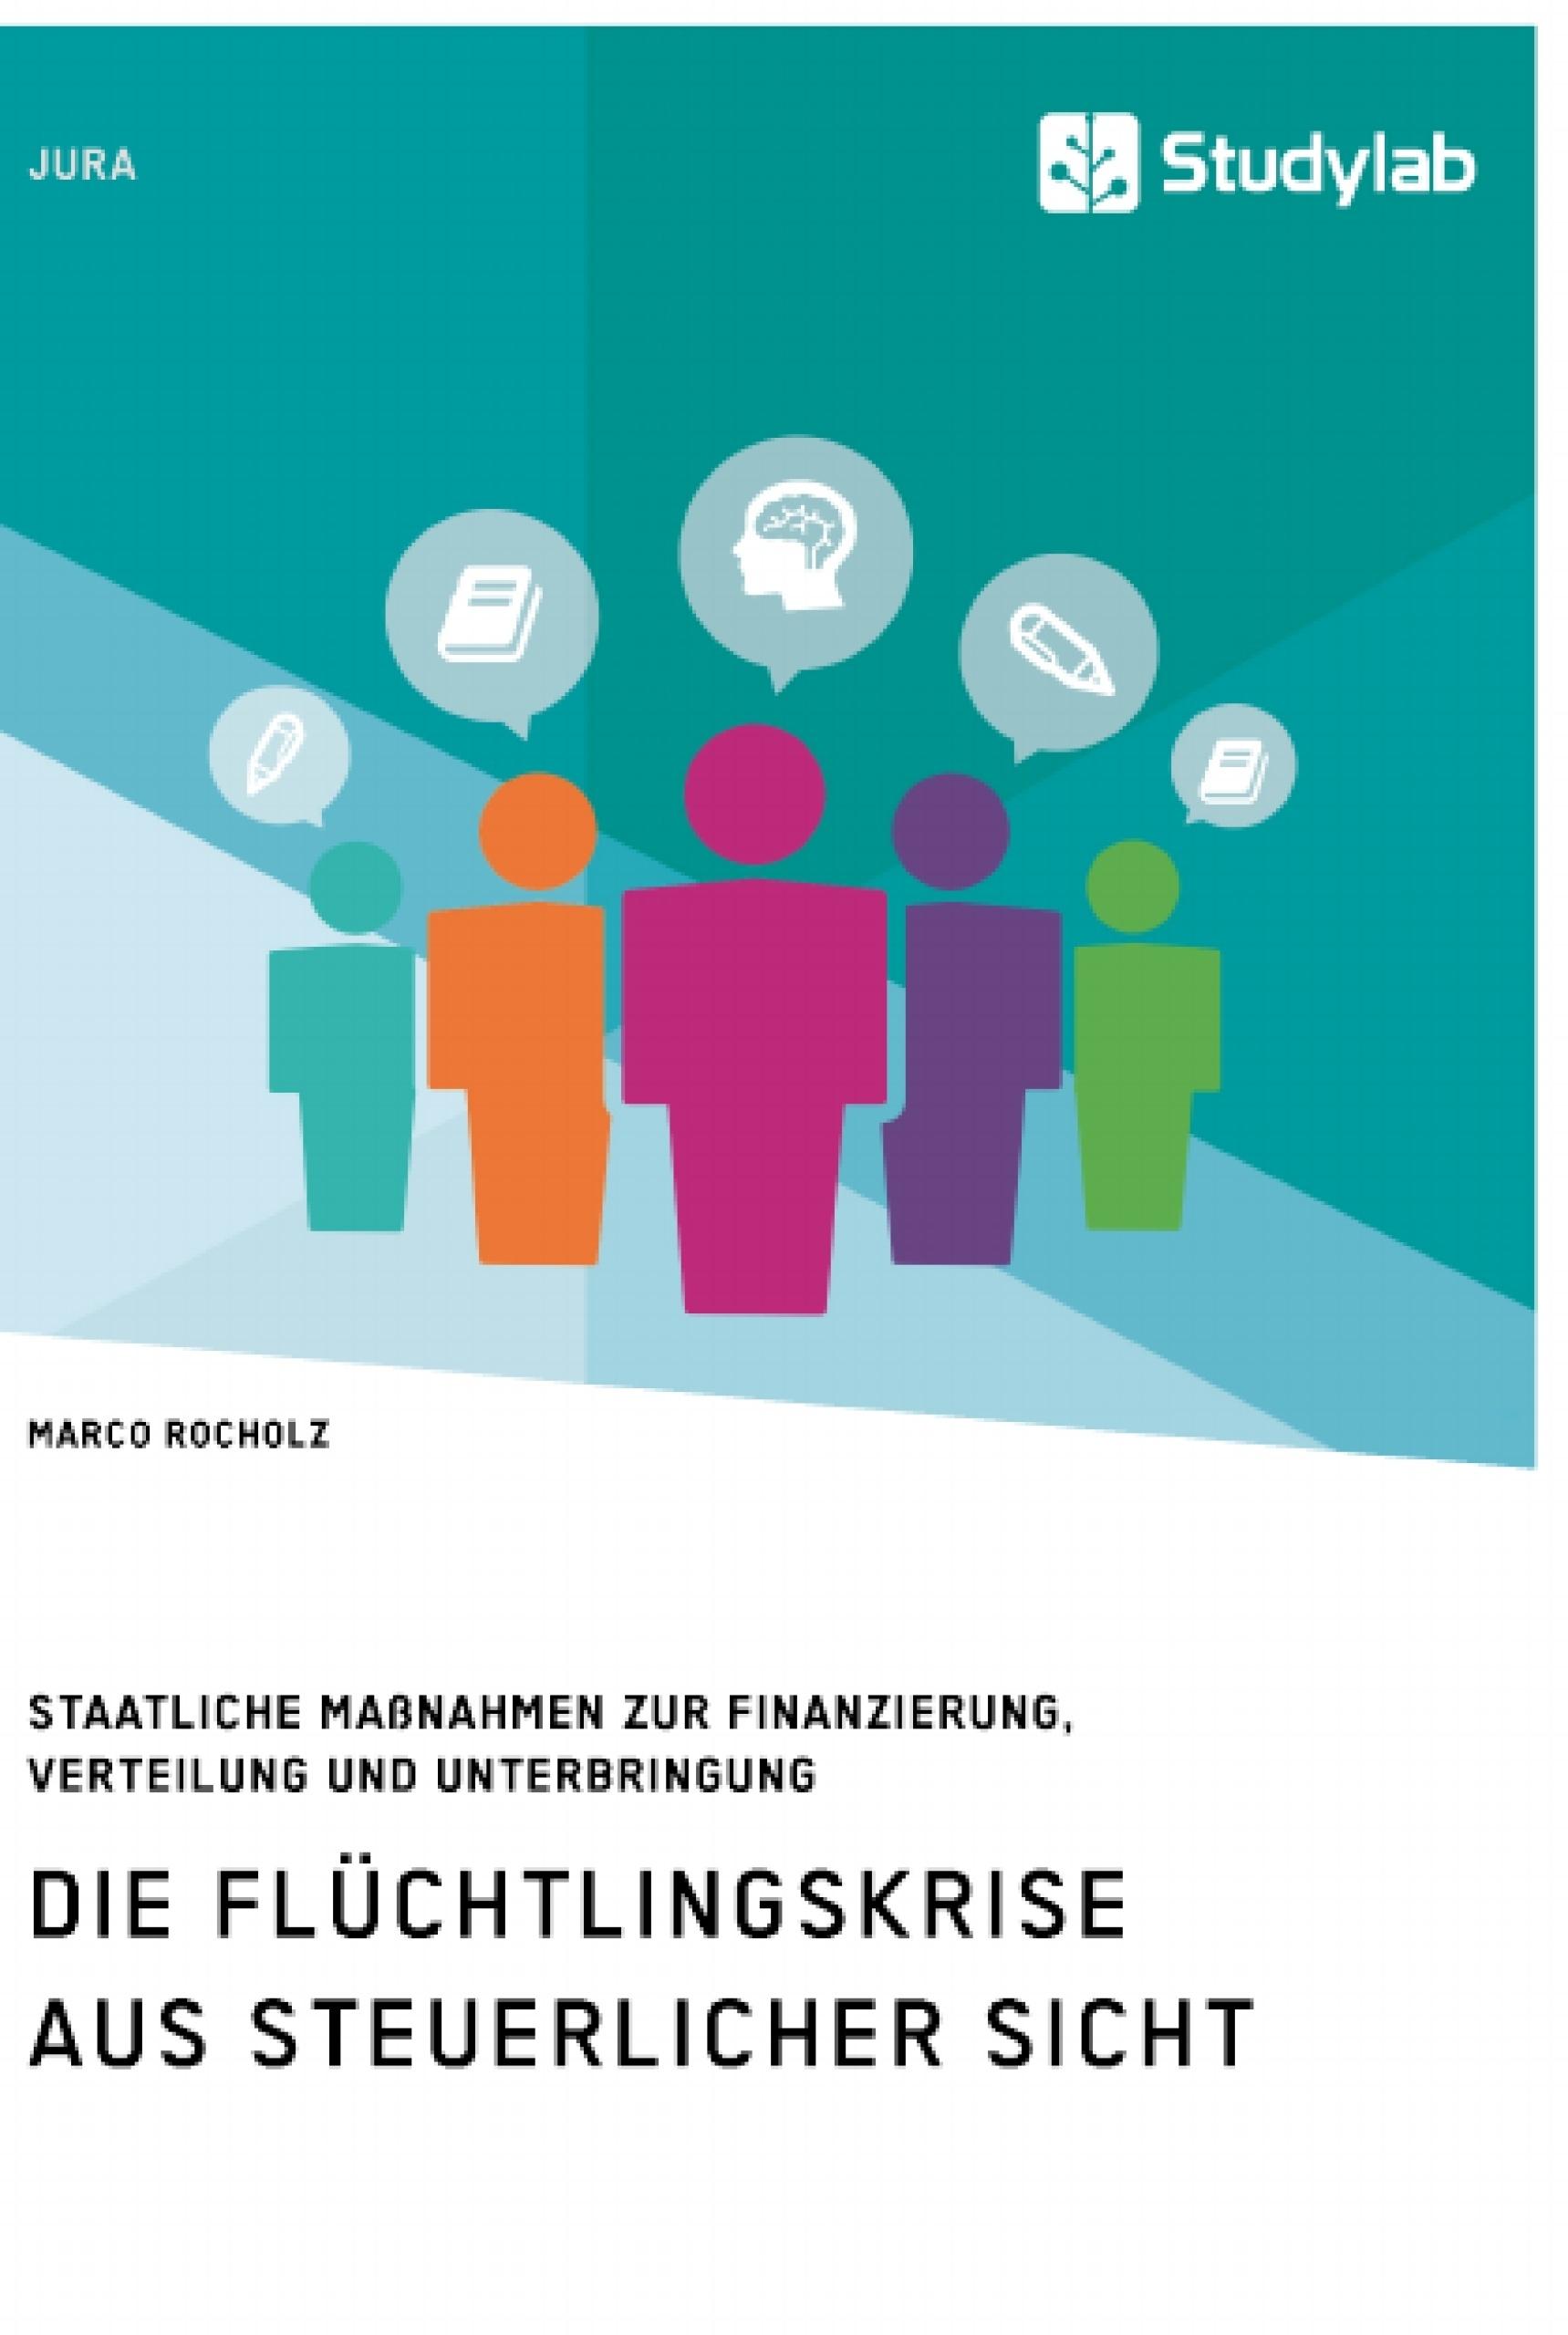 Titel: Die Flüchtlingskrise aus steuerlicher Sicht. Staatliche Maßnahmen zur Finanzierung, Verteilung und Unterbringung